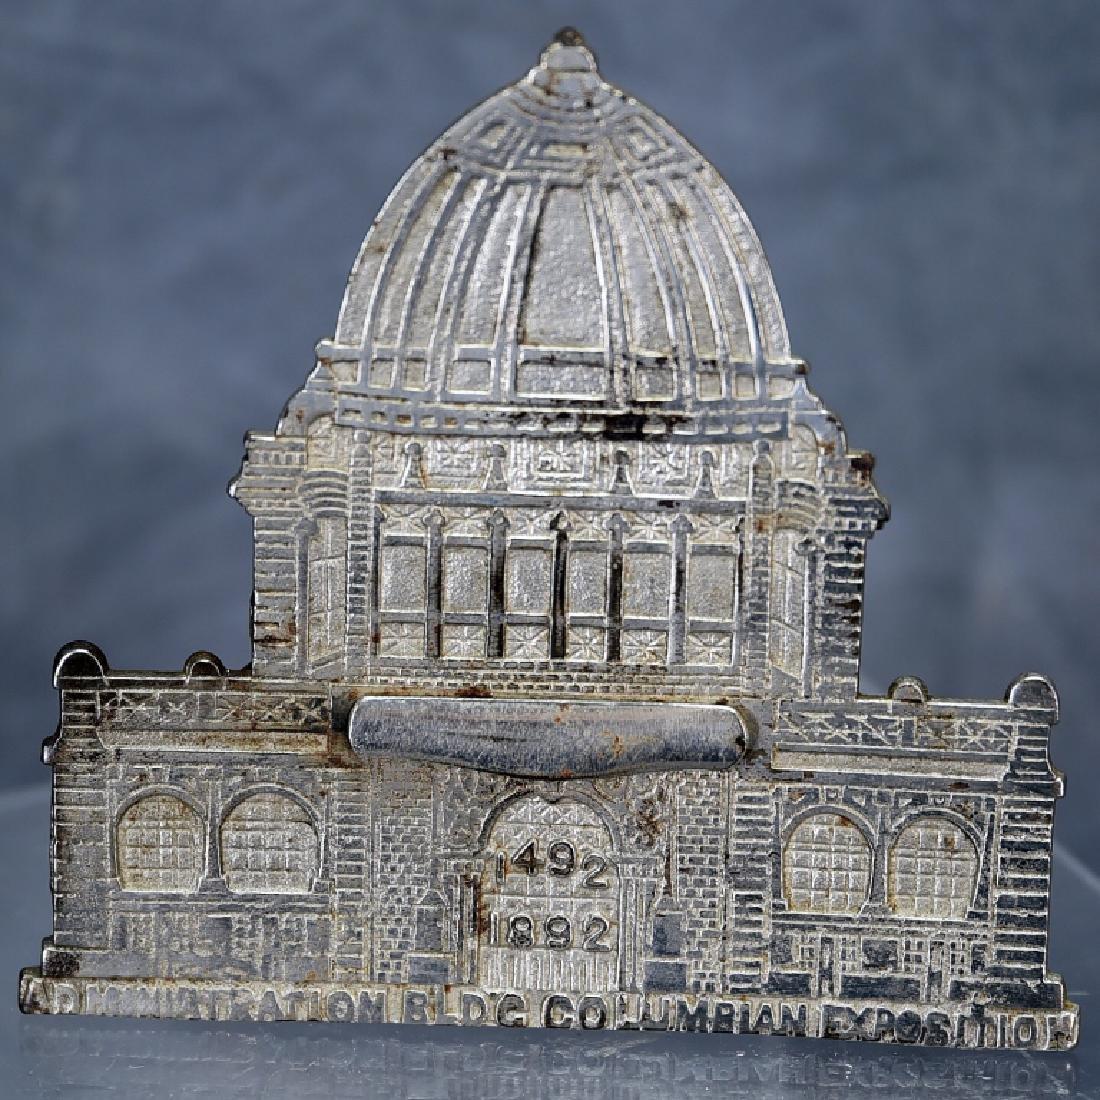 Columbian Magic Savings Architectural Still Bank